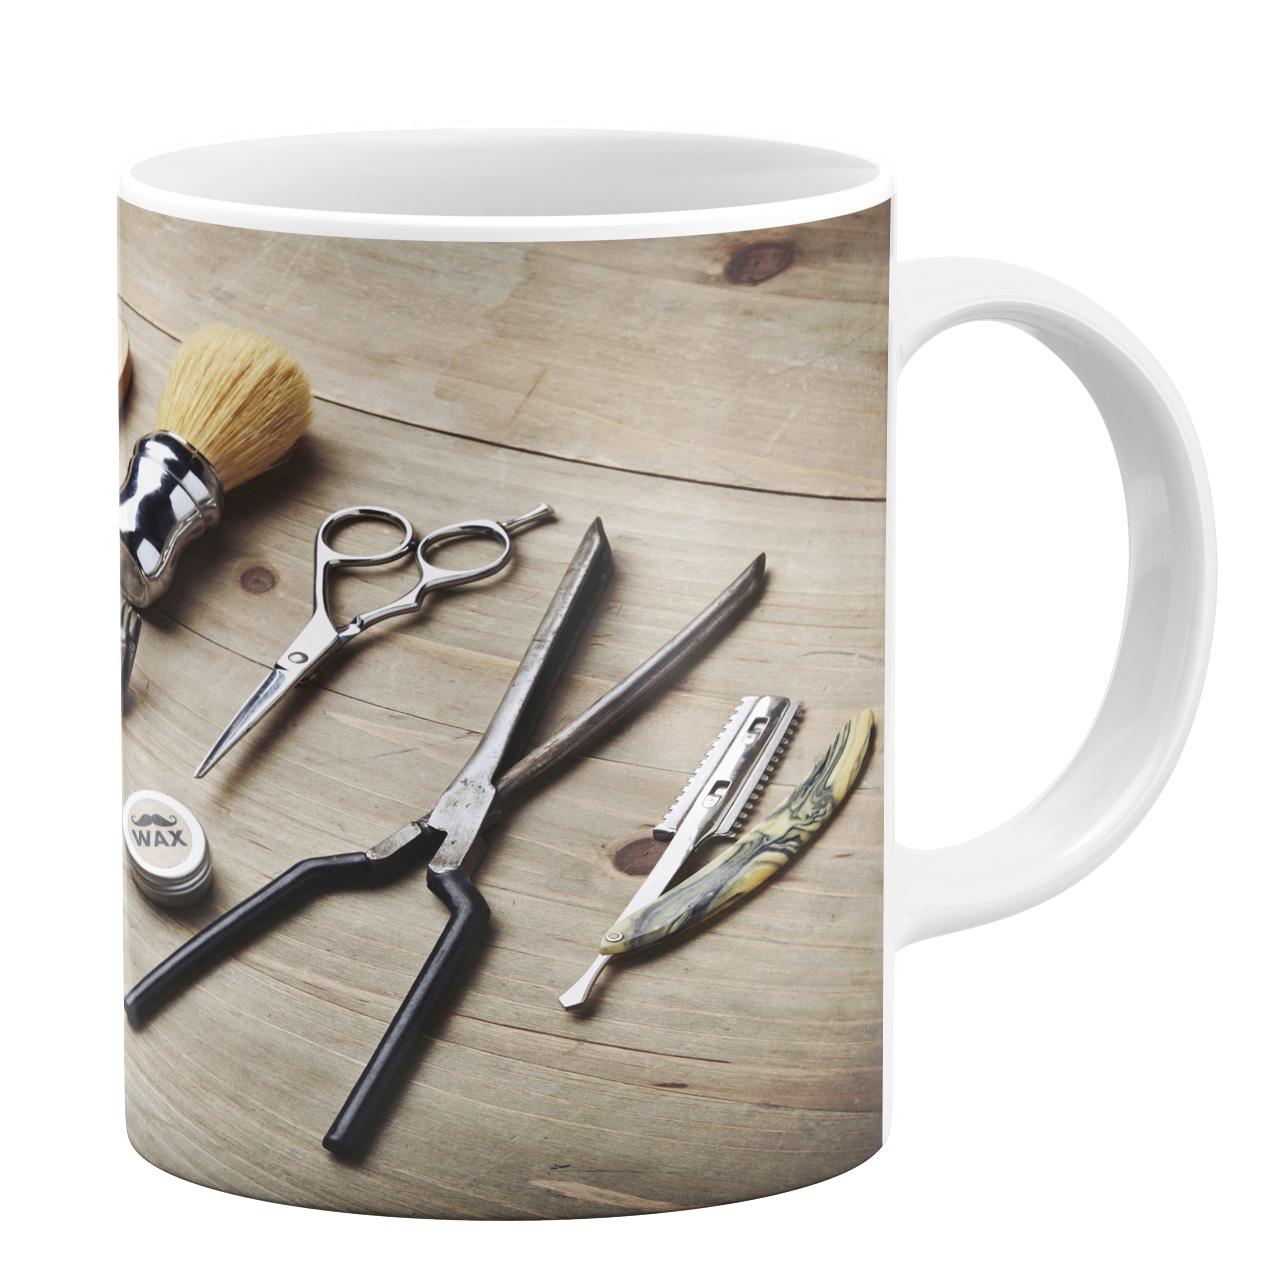 ماگ طرح لوازم آرایشگری کد 1105409148